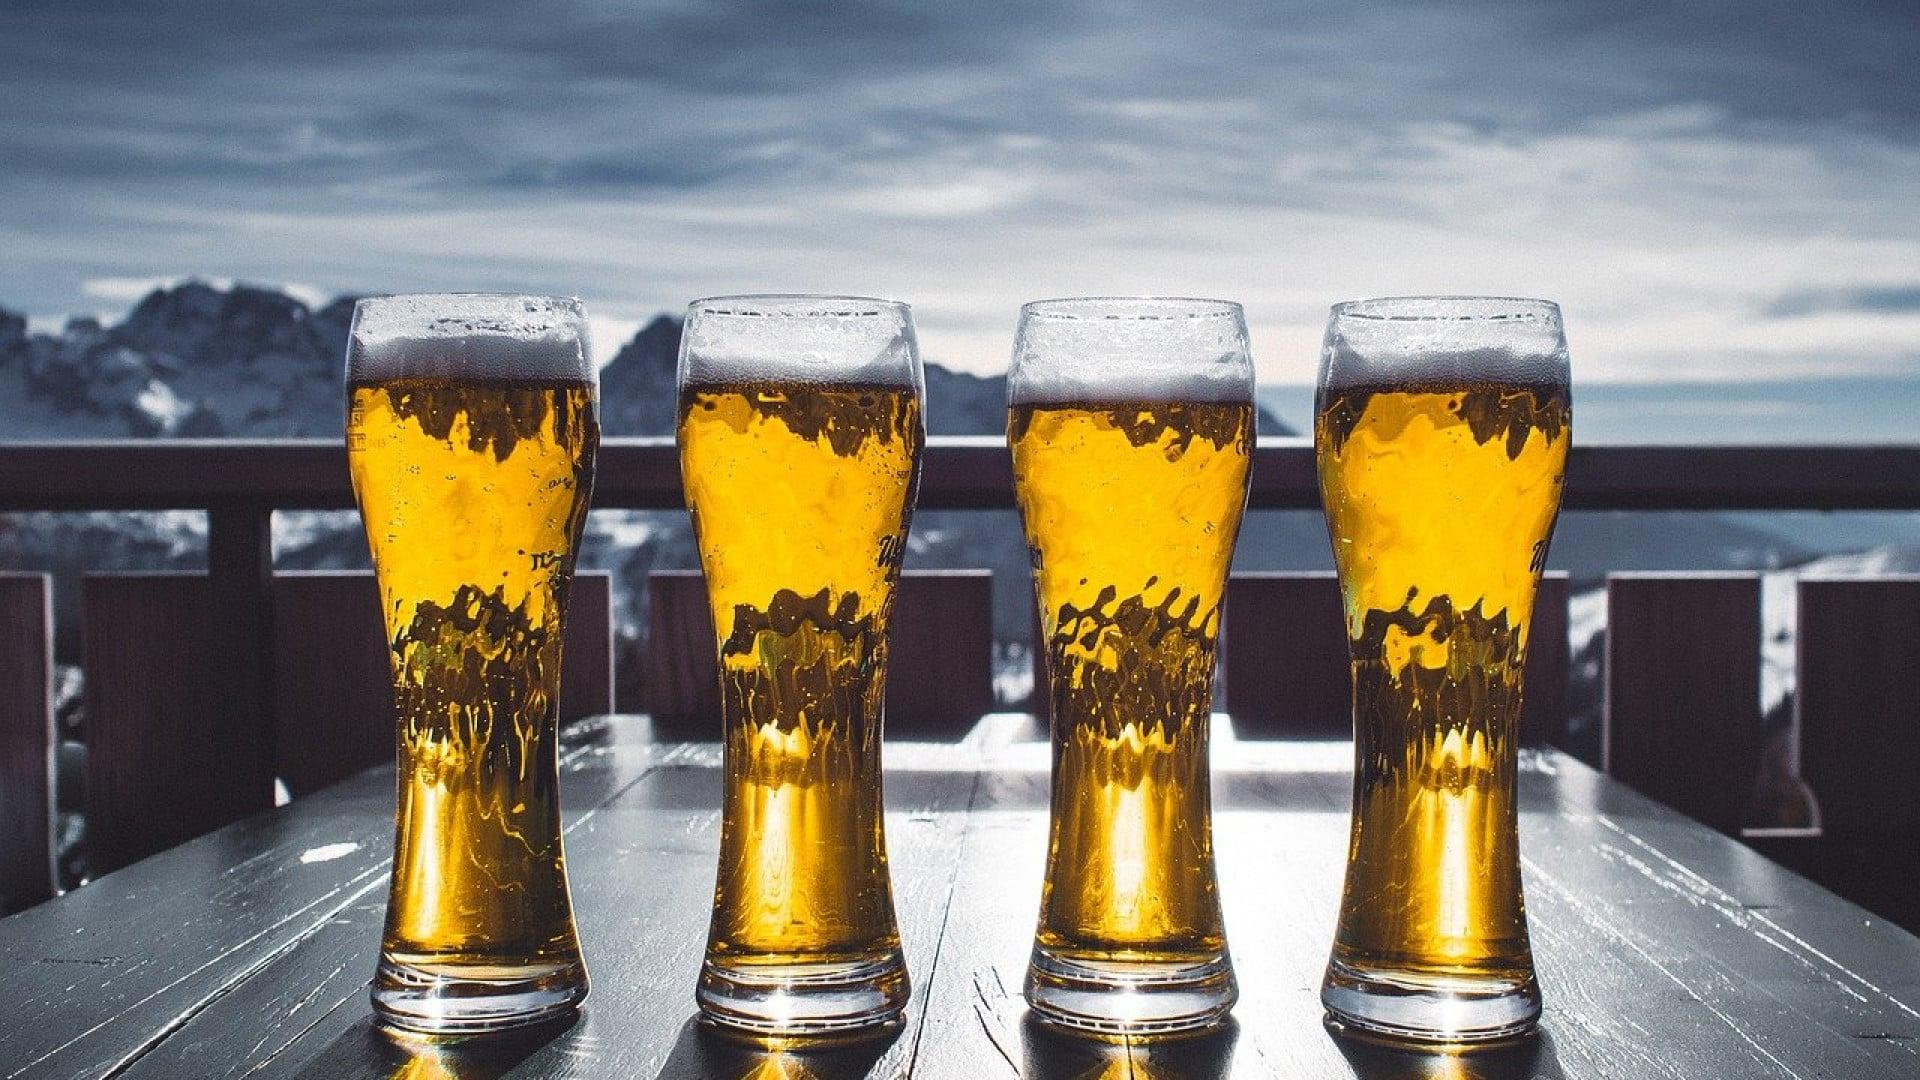 Conseils pratiques pour bien choisir son abonnement box bière ?